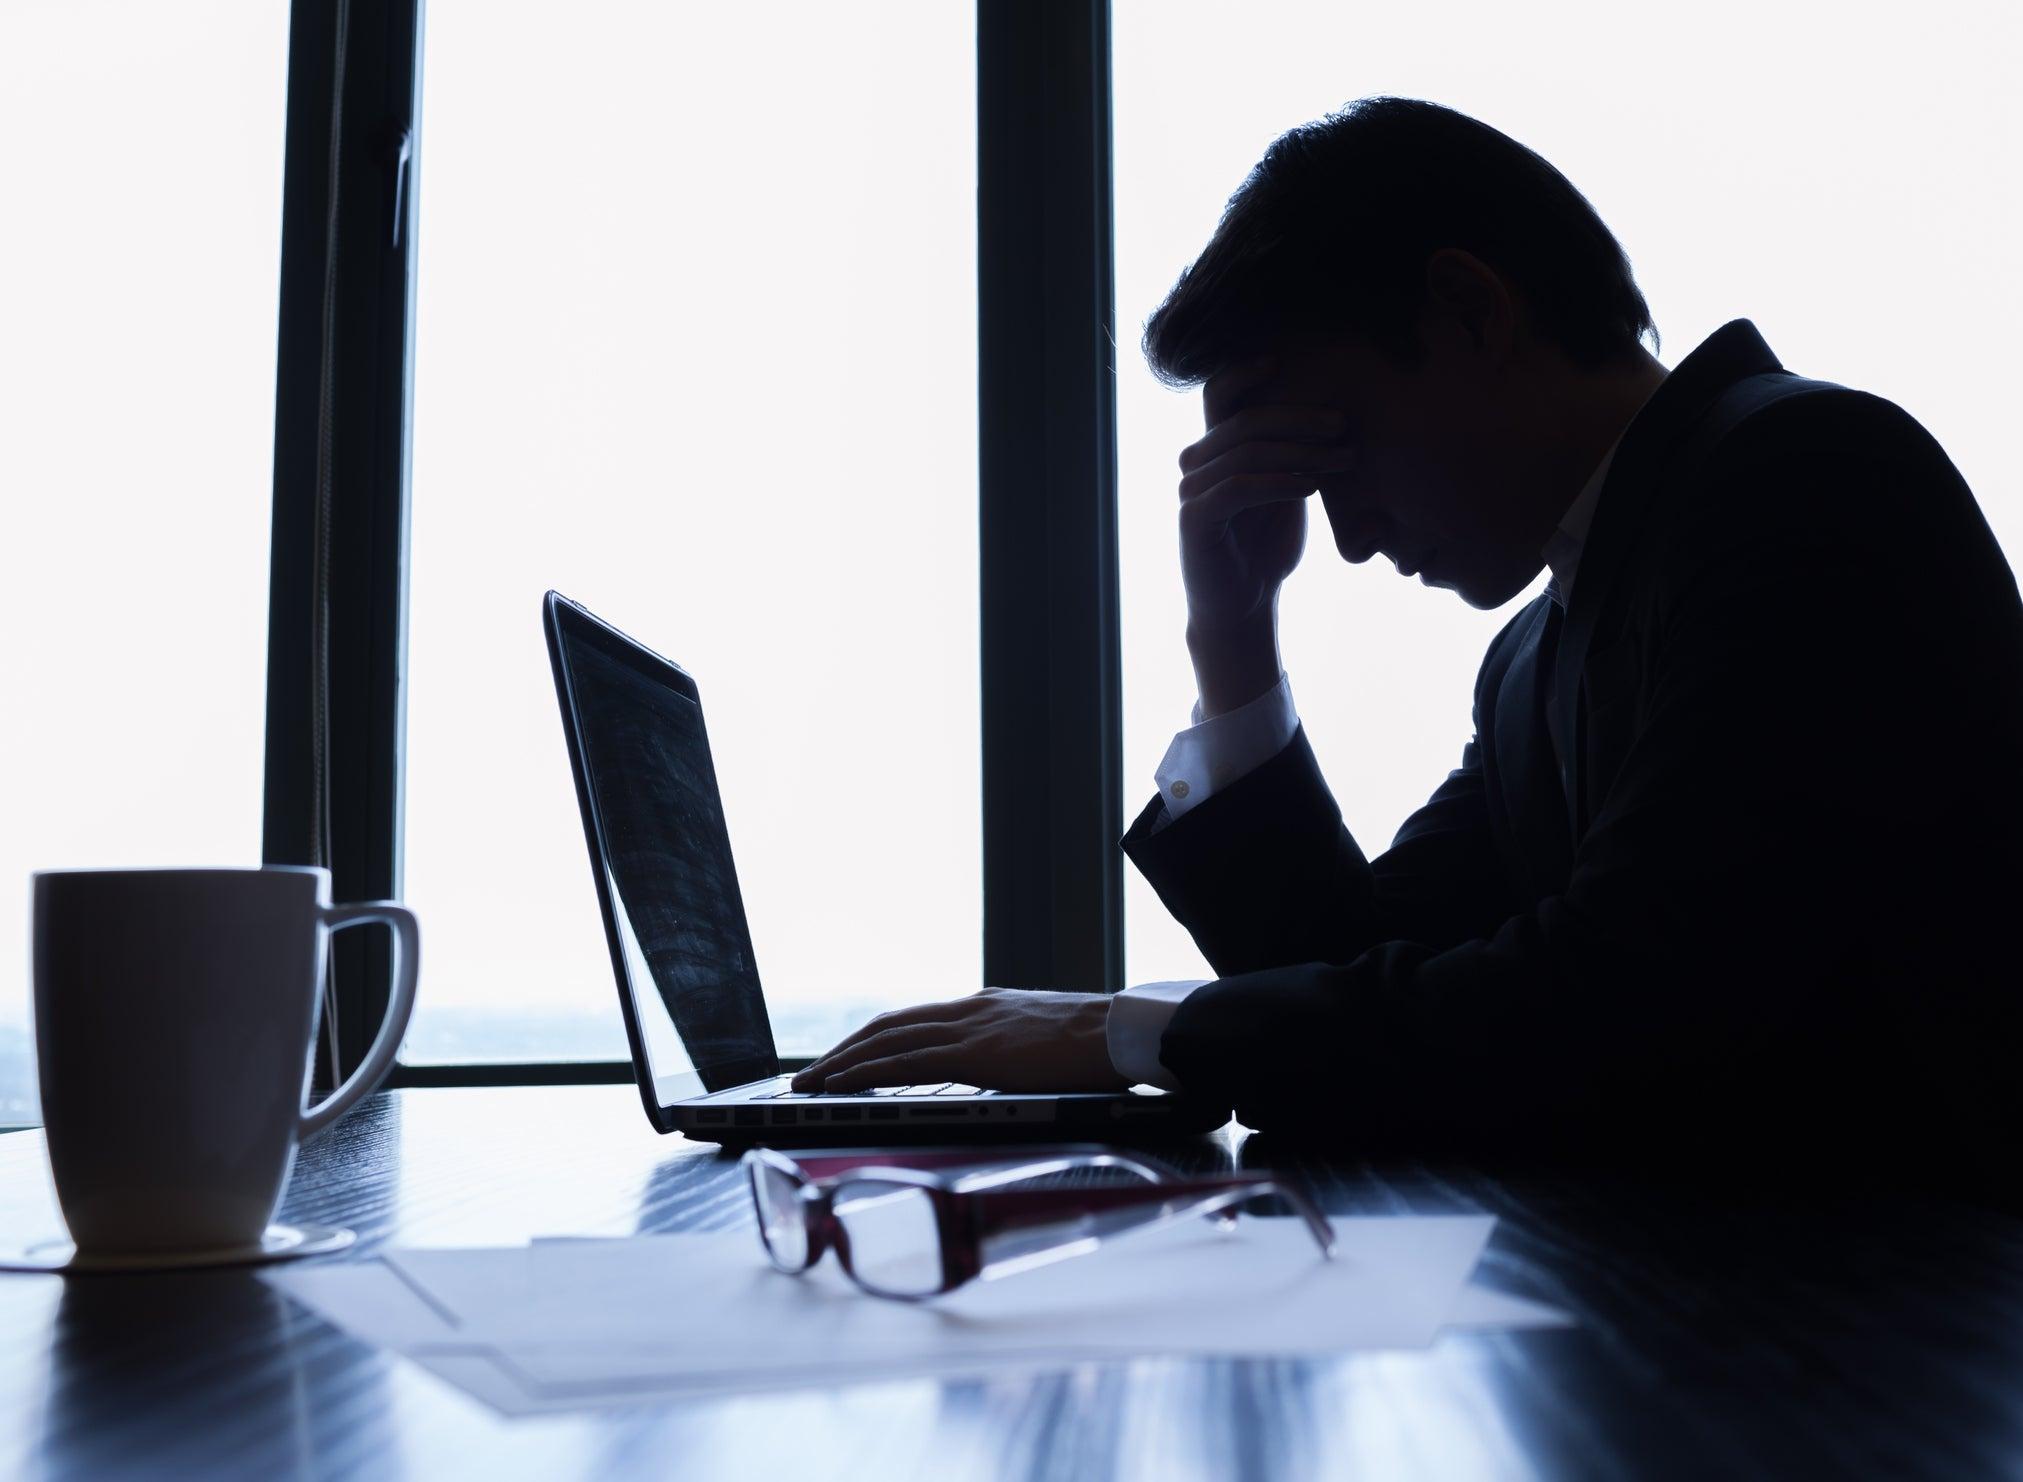 Chúng ta dễ rơi vào hoang mang, lo lắng giữa ma trận thông tin tiêu cực